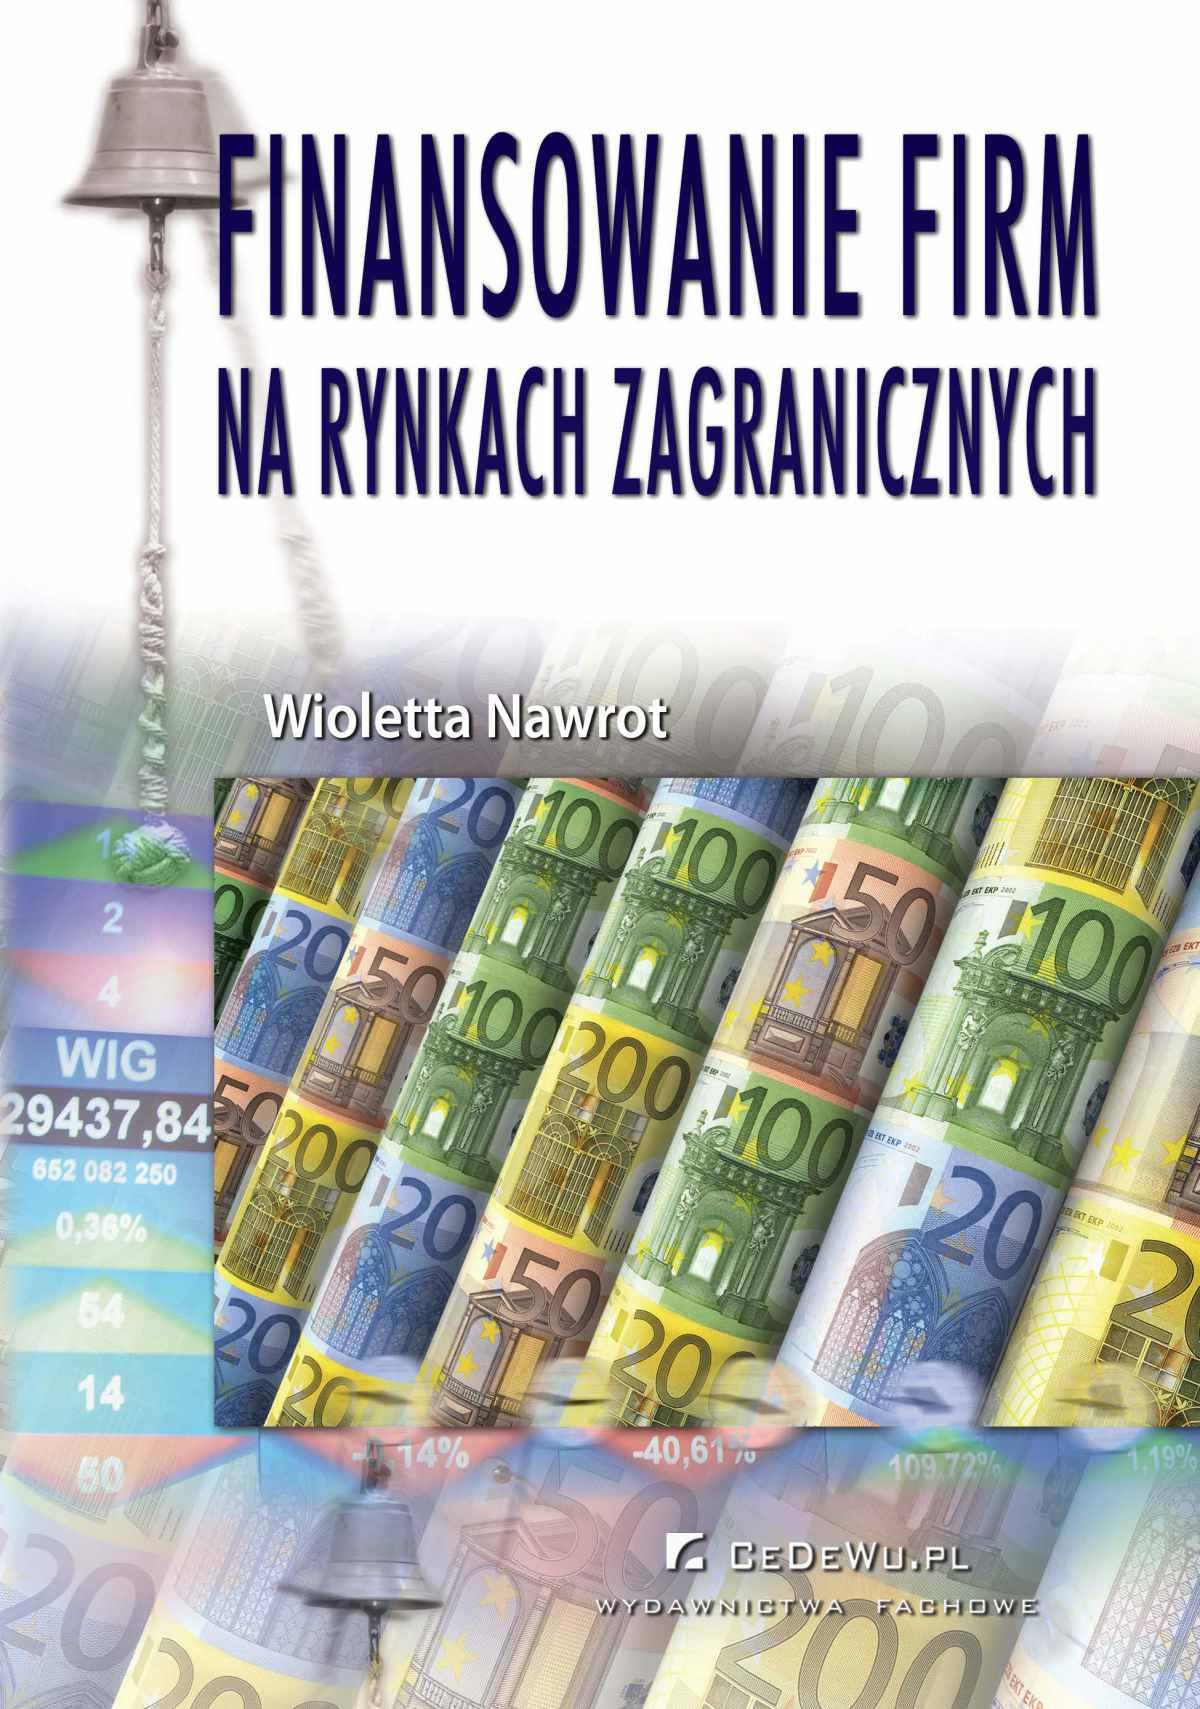 Finansowanie firm na rynkach zagranicznych (wyd. II). Rozdział 1. Globalizacja rynków finansowych a zagraniczna ekspansja firm - Ebook (Książka PDF) do pobrania w formacie PDF